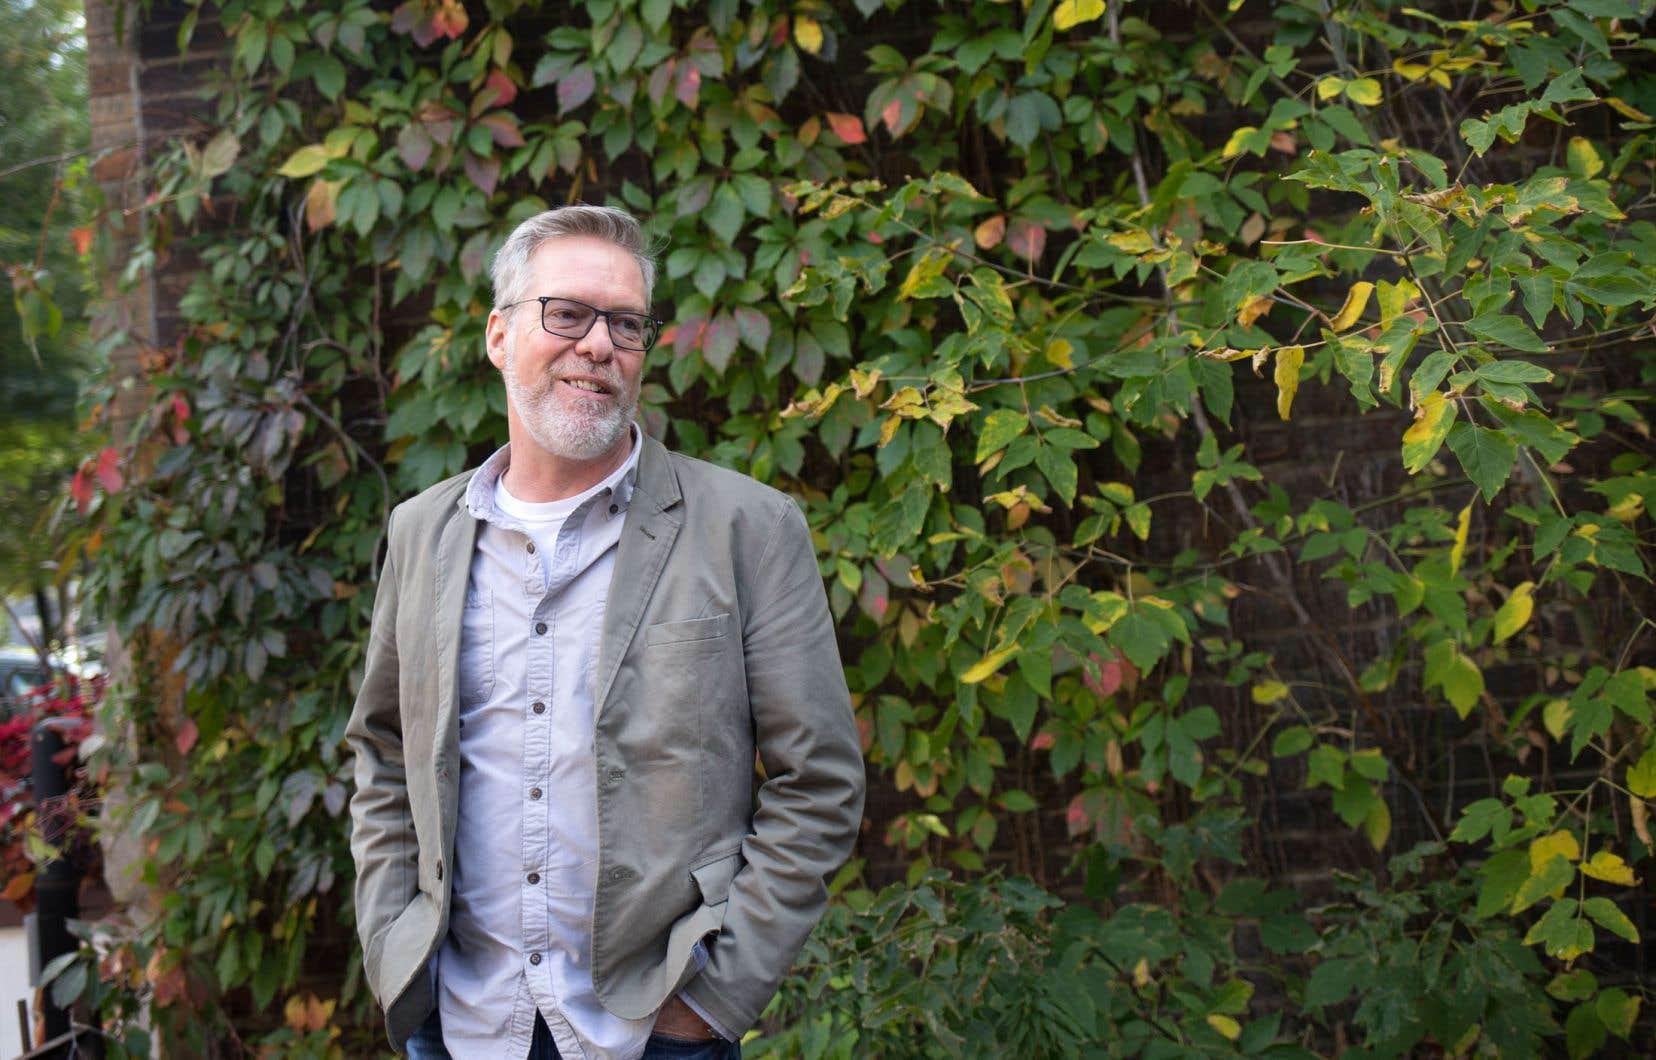 Le nouveau héros de l'auteur, Patrick Kelly, est plus complexe que Joseph Laflamme, le personnage principal des romans précédents.